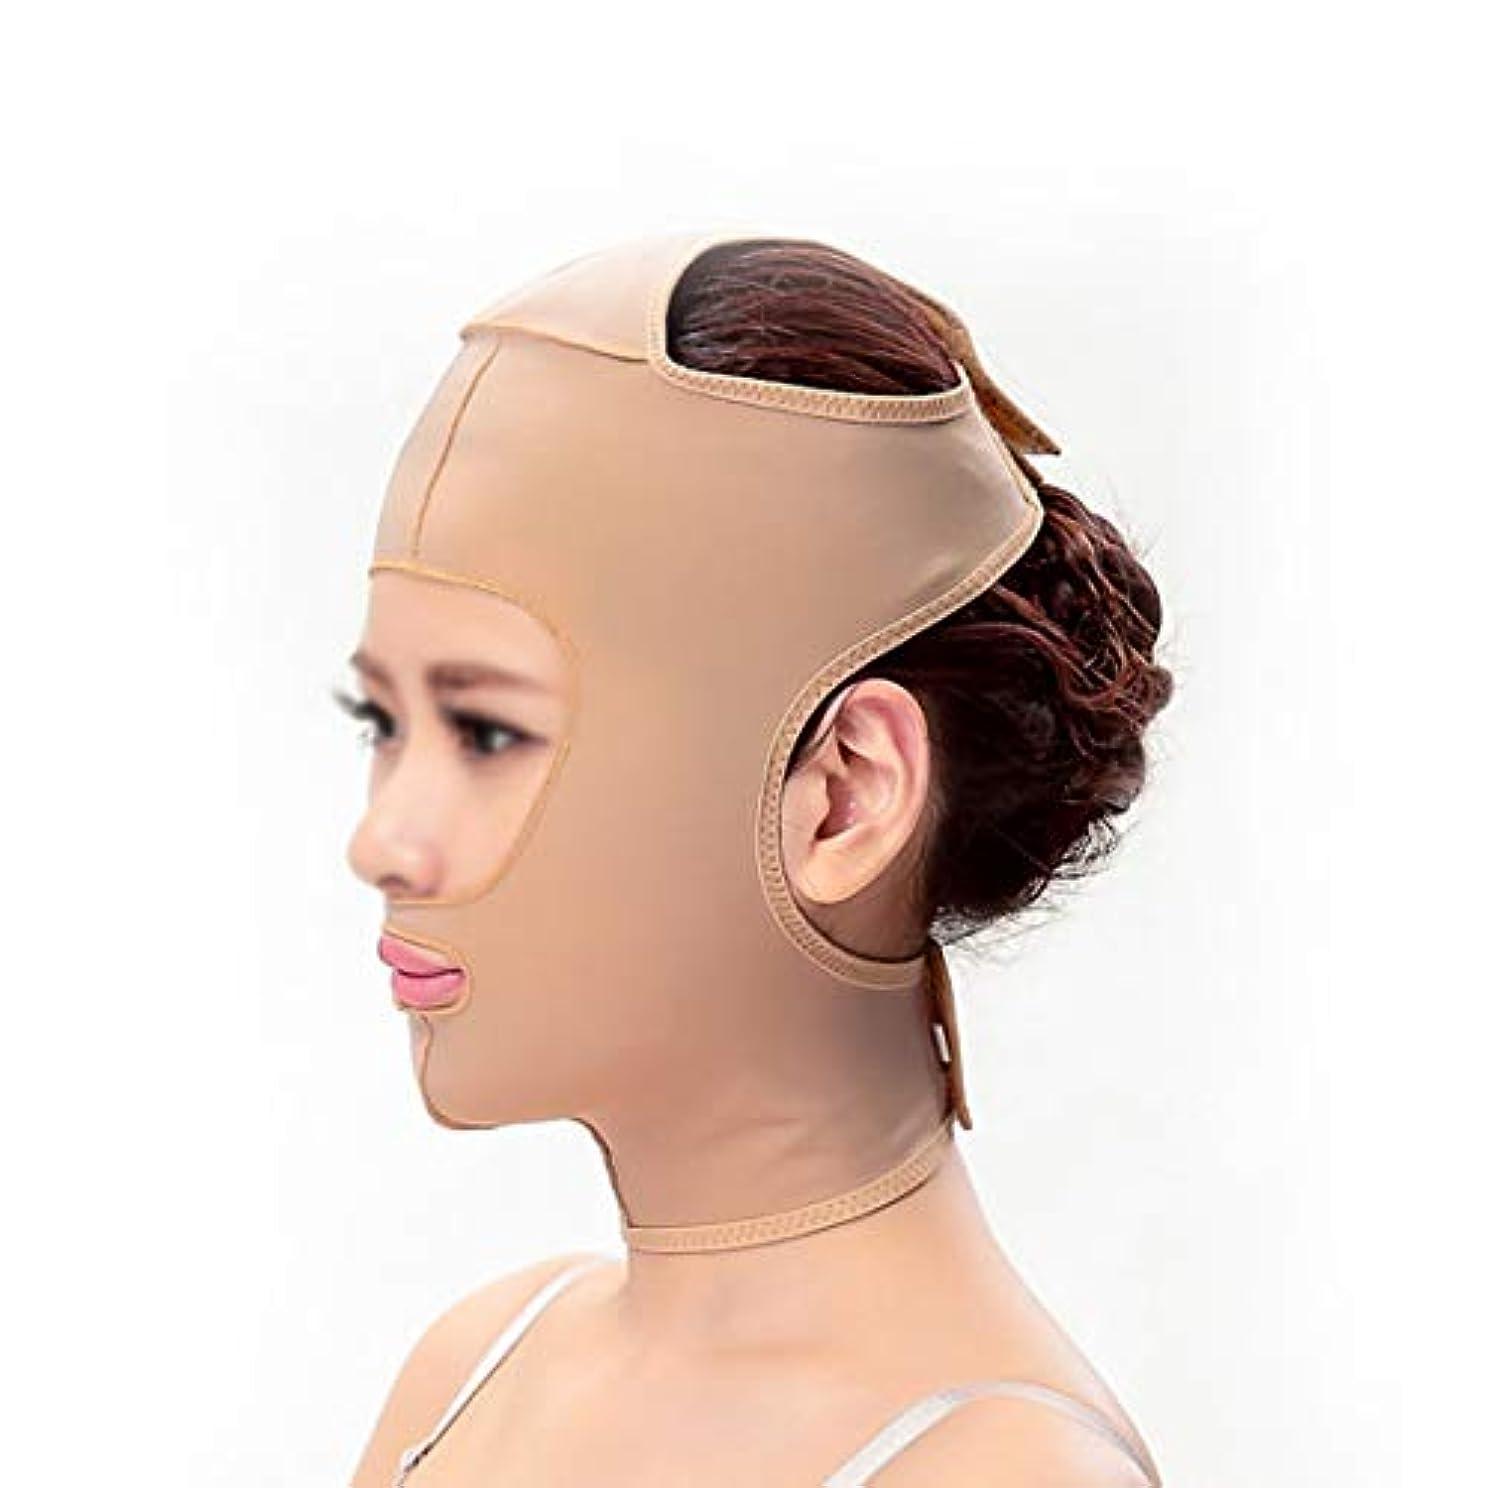 空のリファインメジャーLJK 痩身ベルト、フェイシャルマスク薄いフェイスマスクを脇に持ち上げる二重あご引き締め顔面プラスチックフェイスアーティファクト強力なフェイス包帯 (Size : XL)